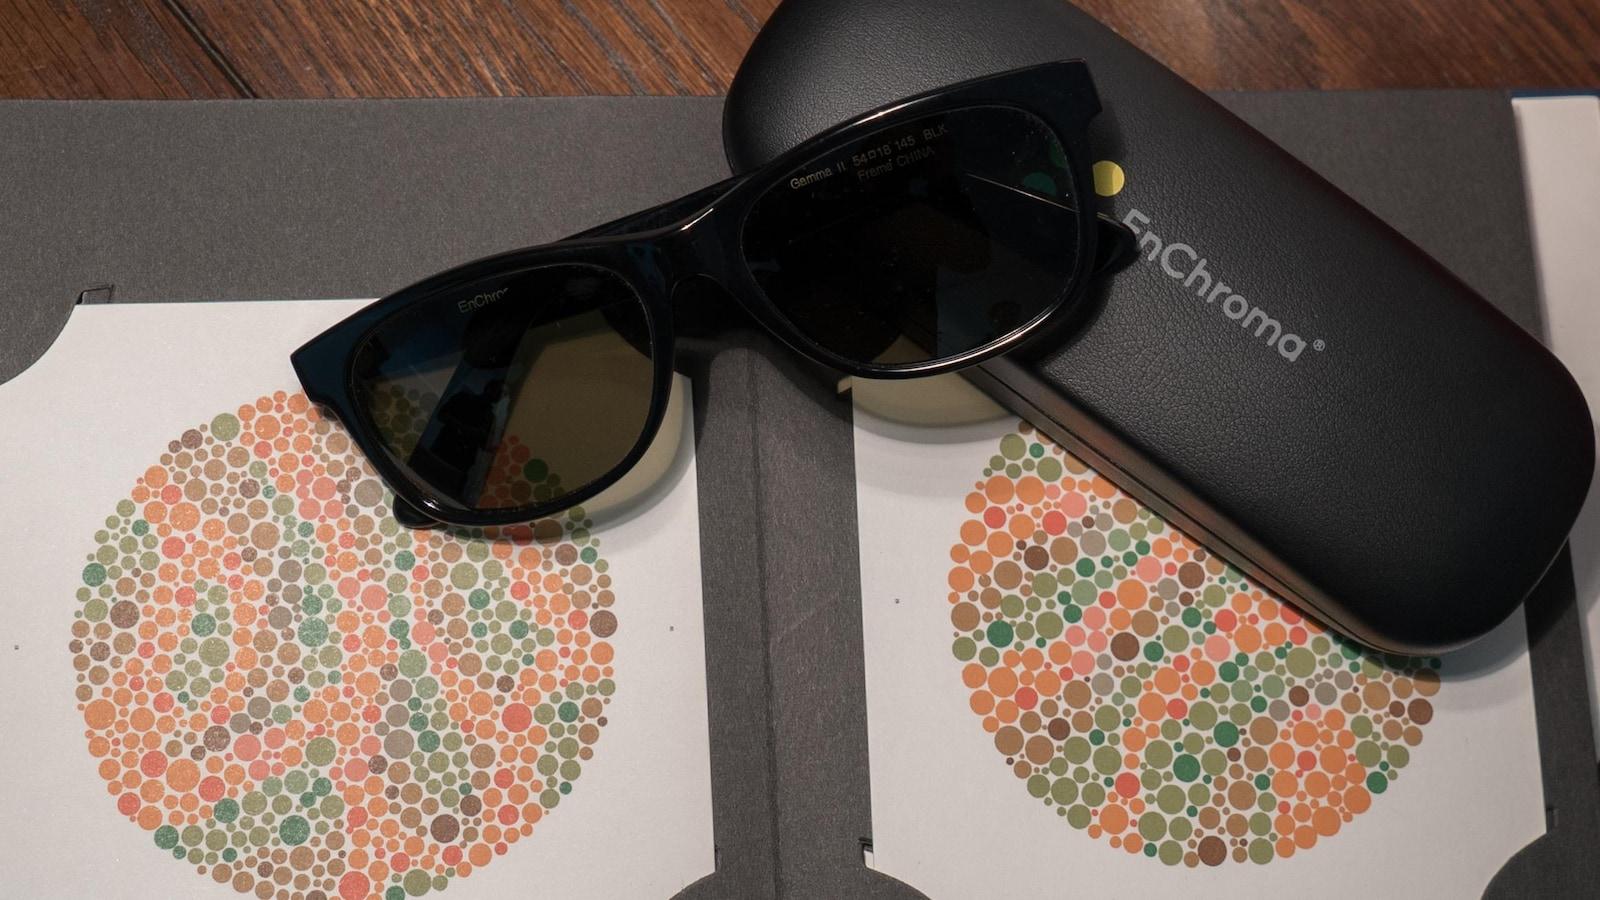 Une paire de lunettes foncées EnChroma déposées sur son étui et sur deux cercles d'un test d'Ishihara.